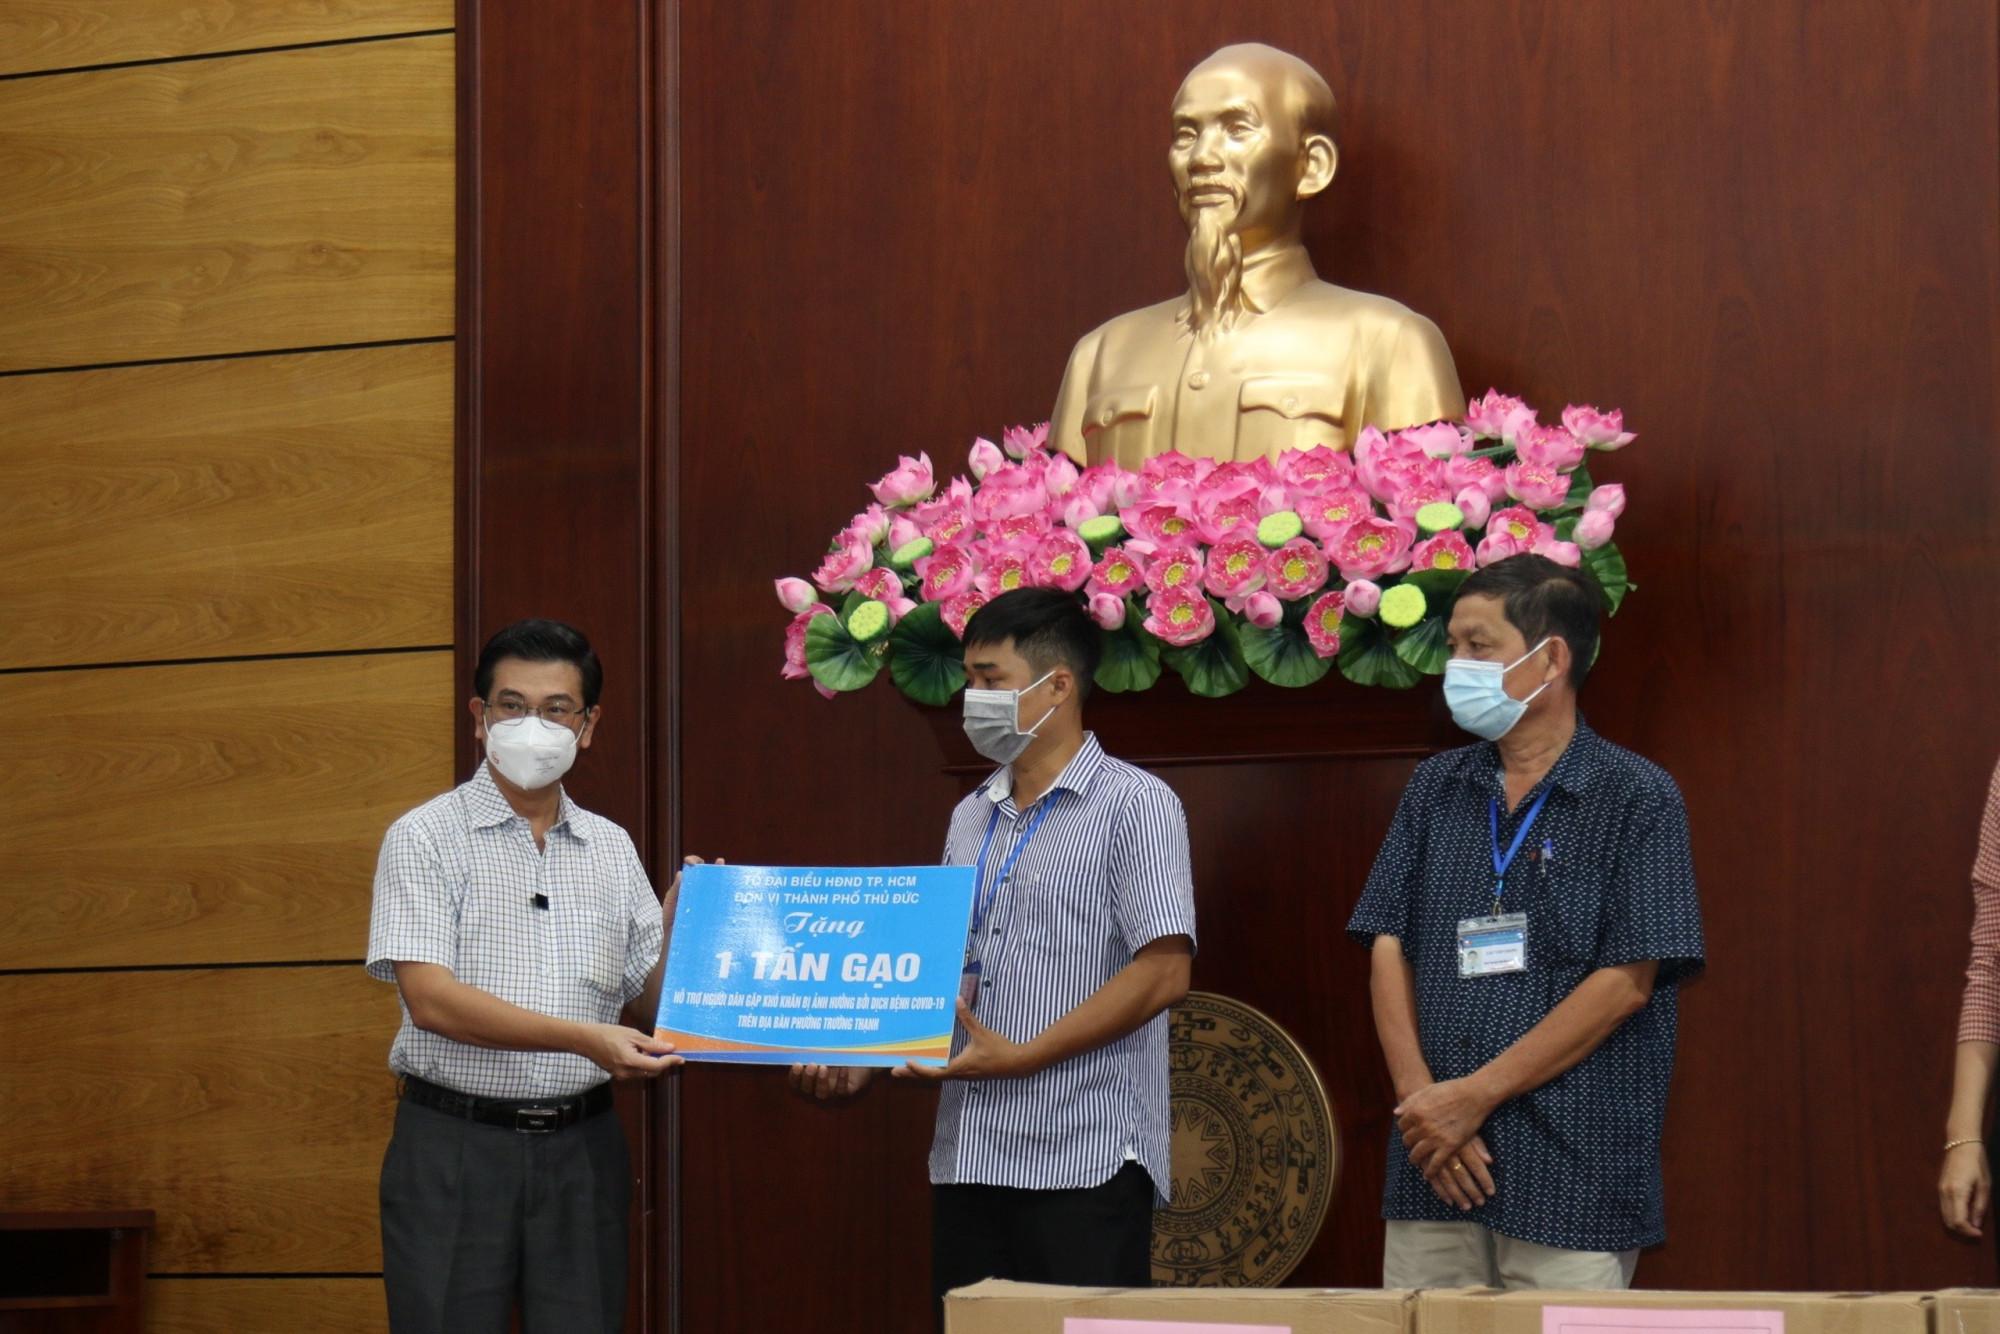 Ông Nguyễn Văn Dũng - Phó chủ tịch HĐND TP.HCM đại diện đoàn tặng